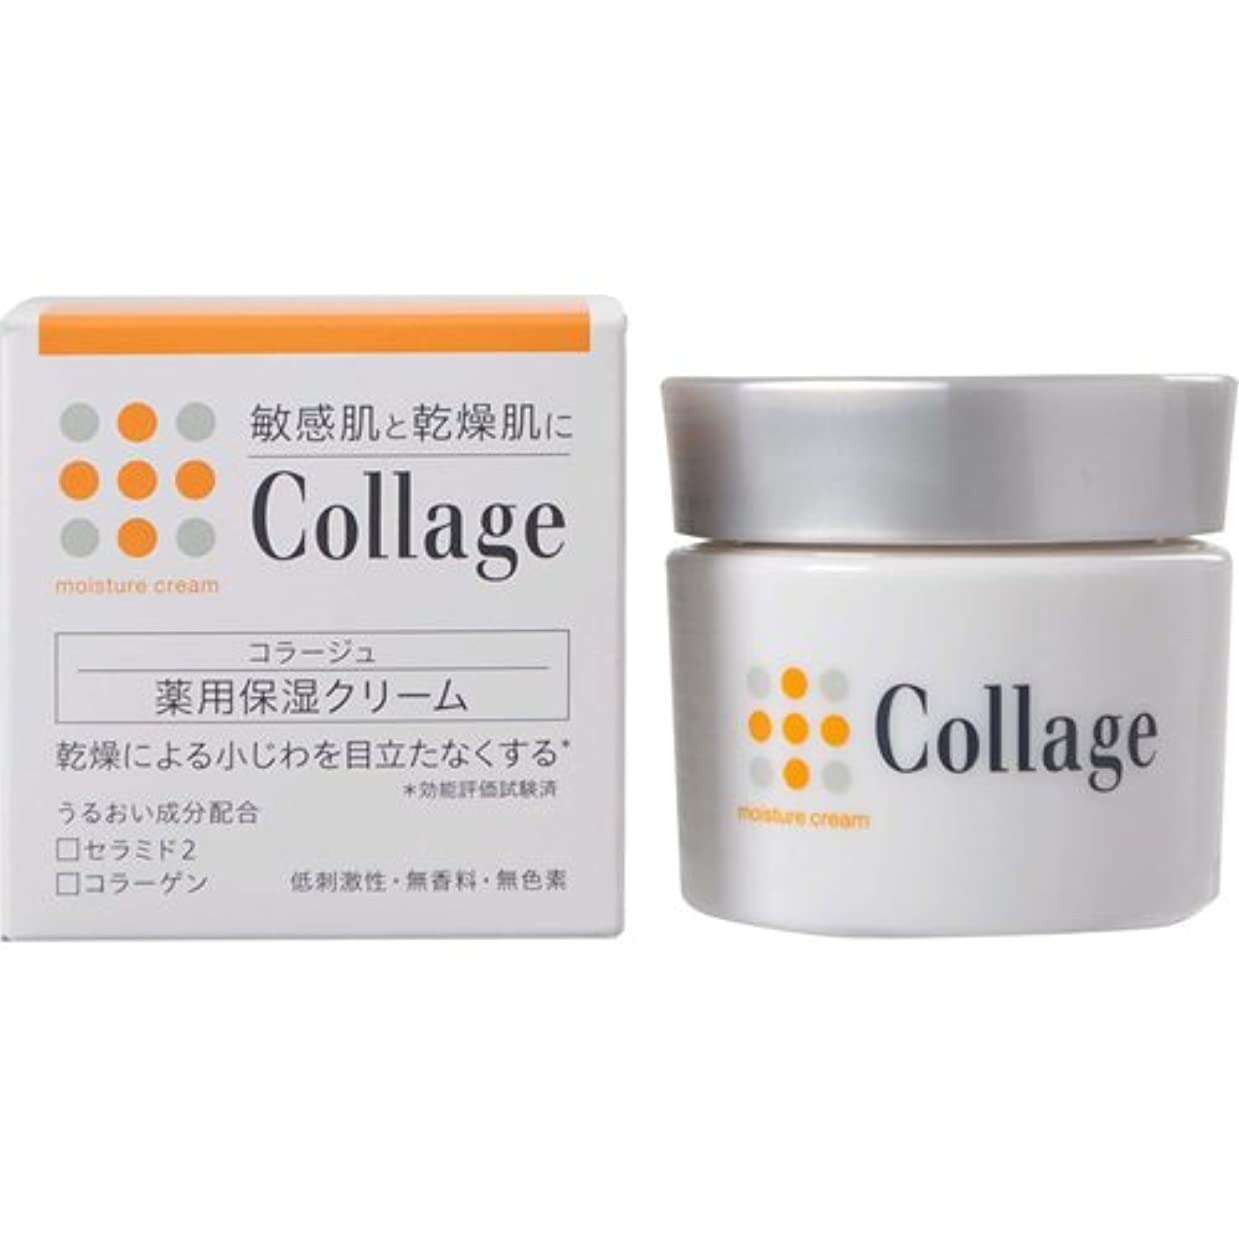 マリナー和大邸宅コラージュ 薬用保湿クリーム 30g 【医薬部外品】